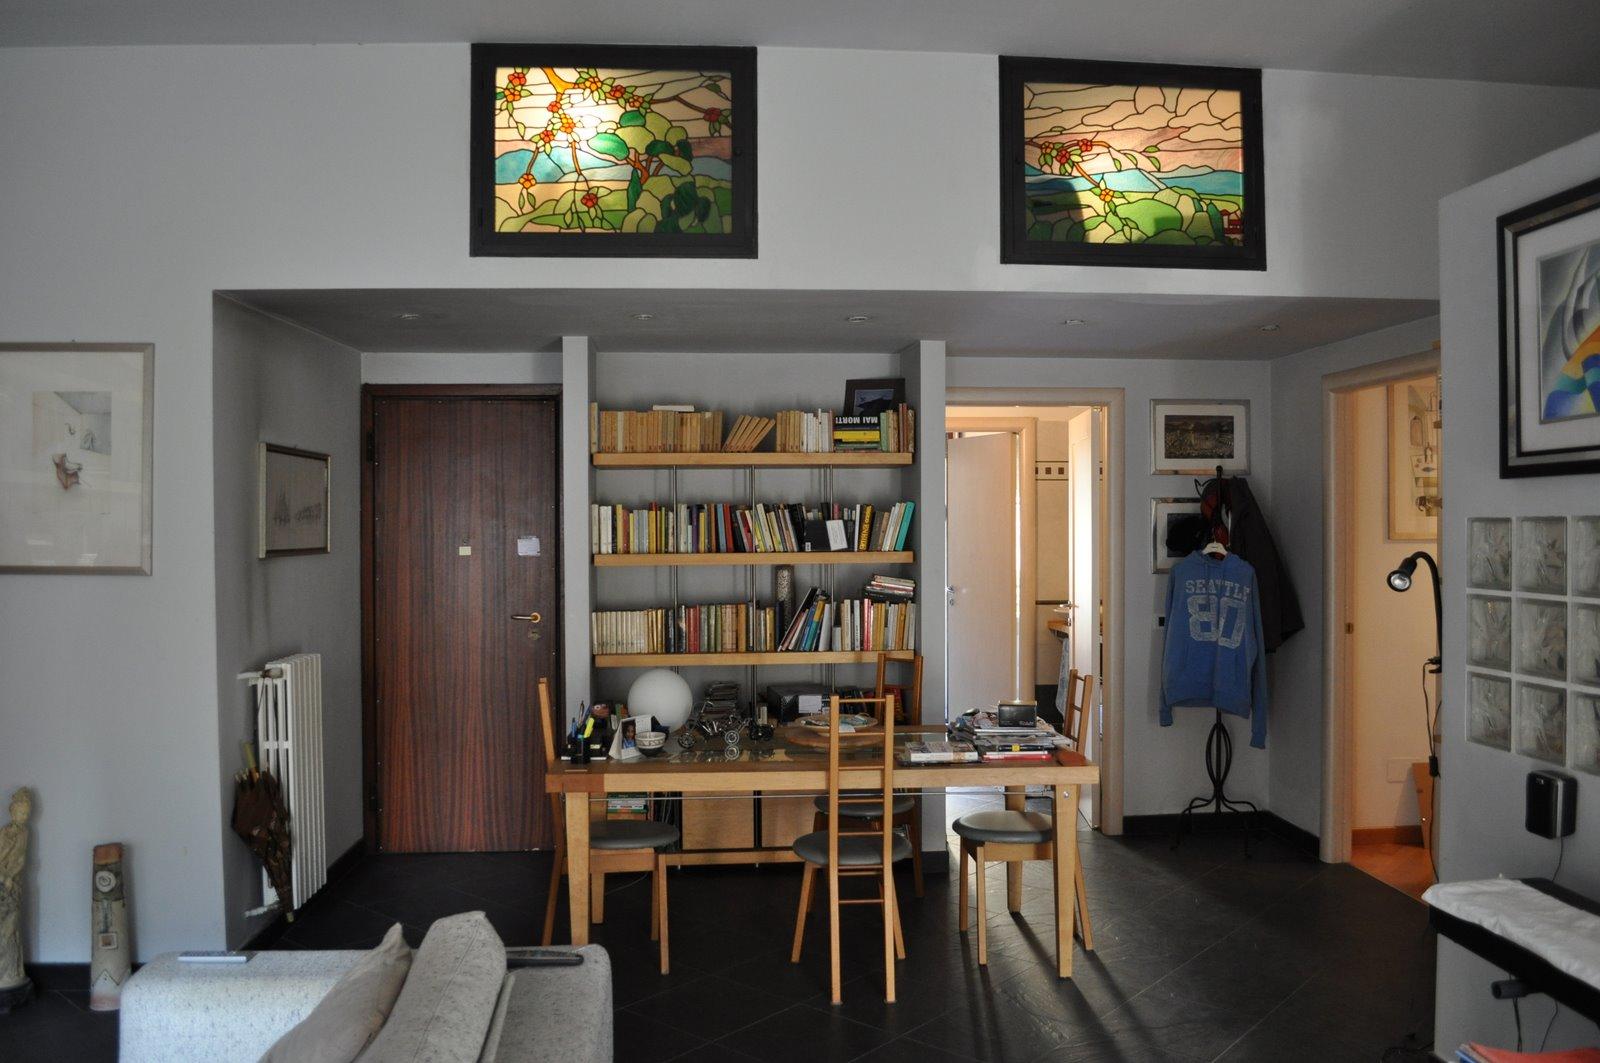 Cucina Soggiorno Open Space 25 Mq : Il salone open space e la cucina appartamento in vendita 88mq